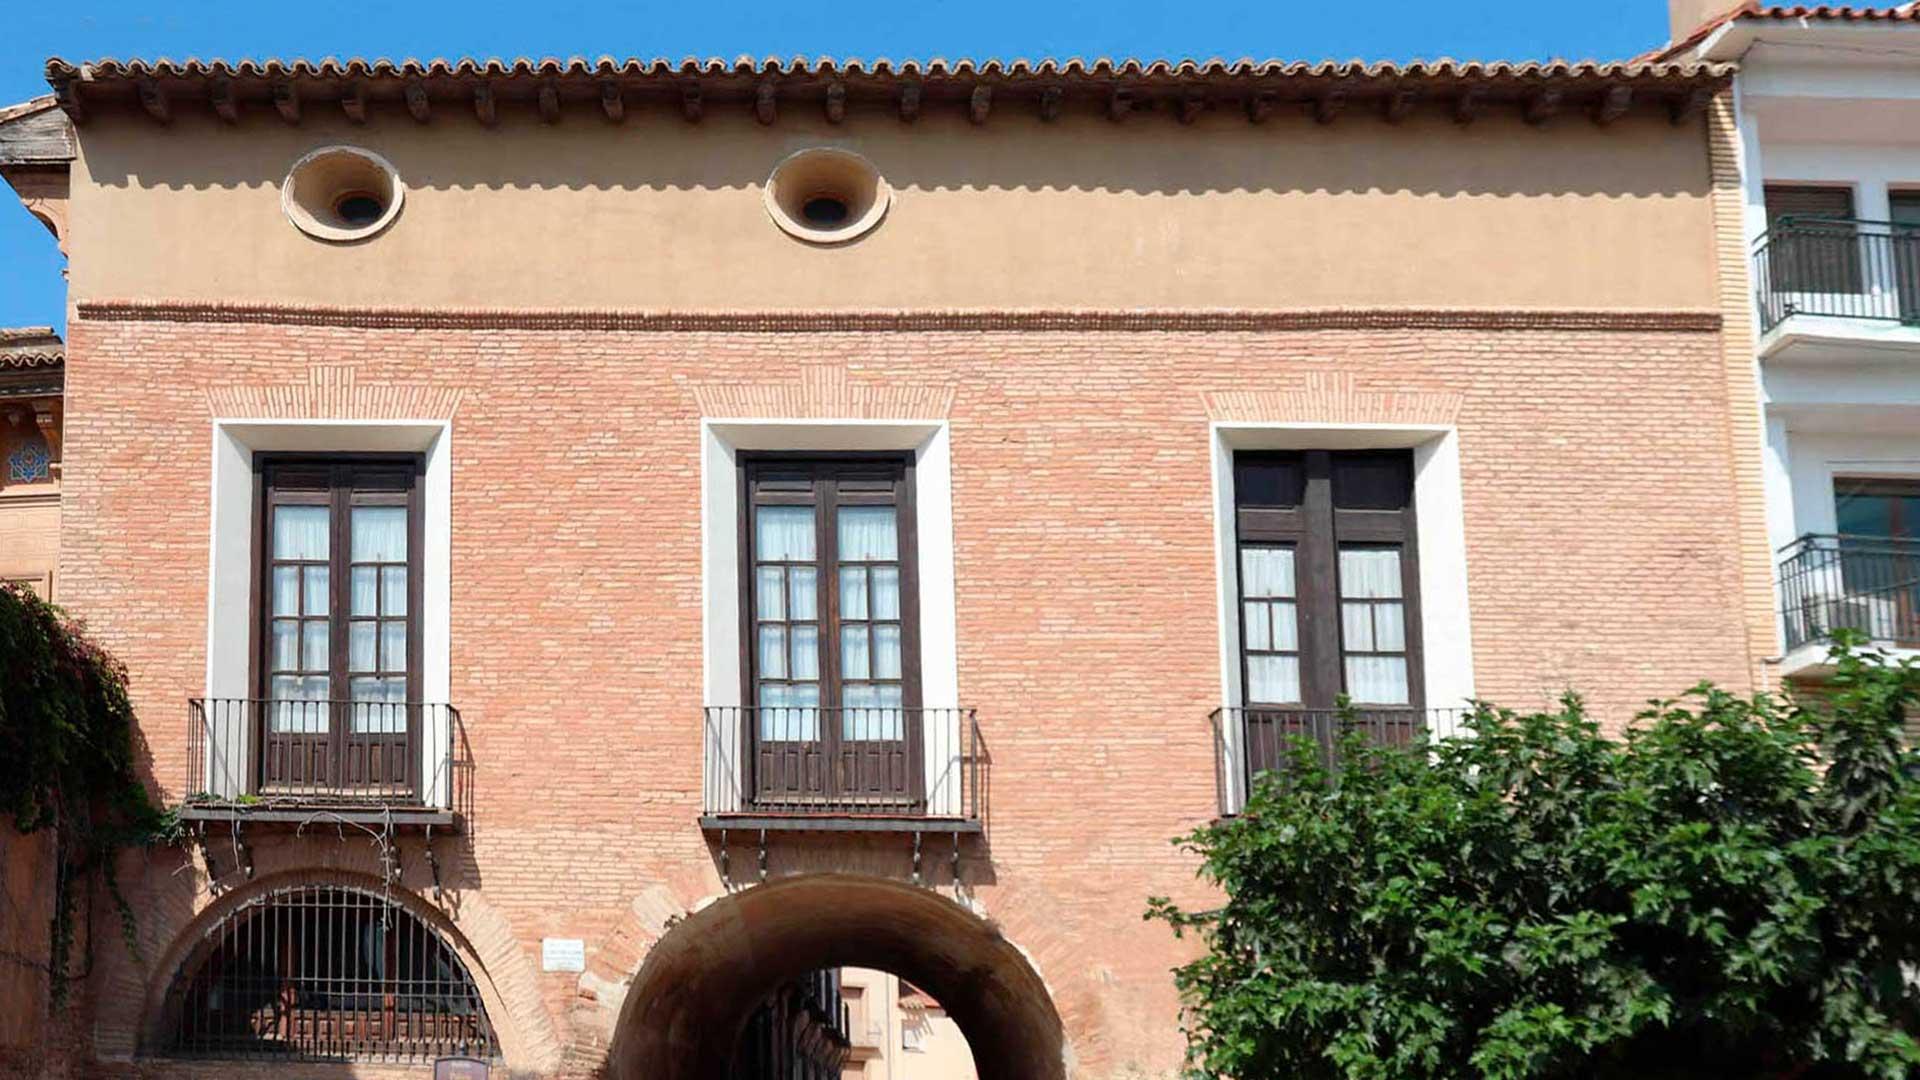 Fachada del palacio de los duques de Villahermosa de Pedrola